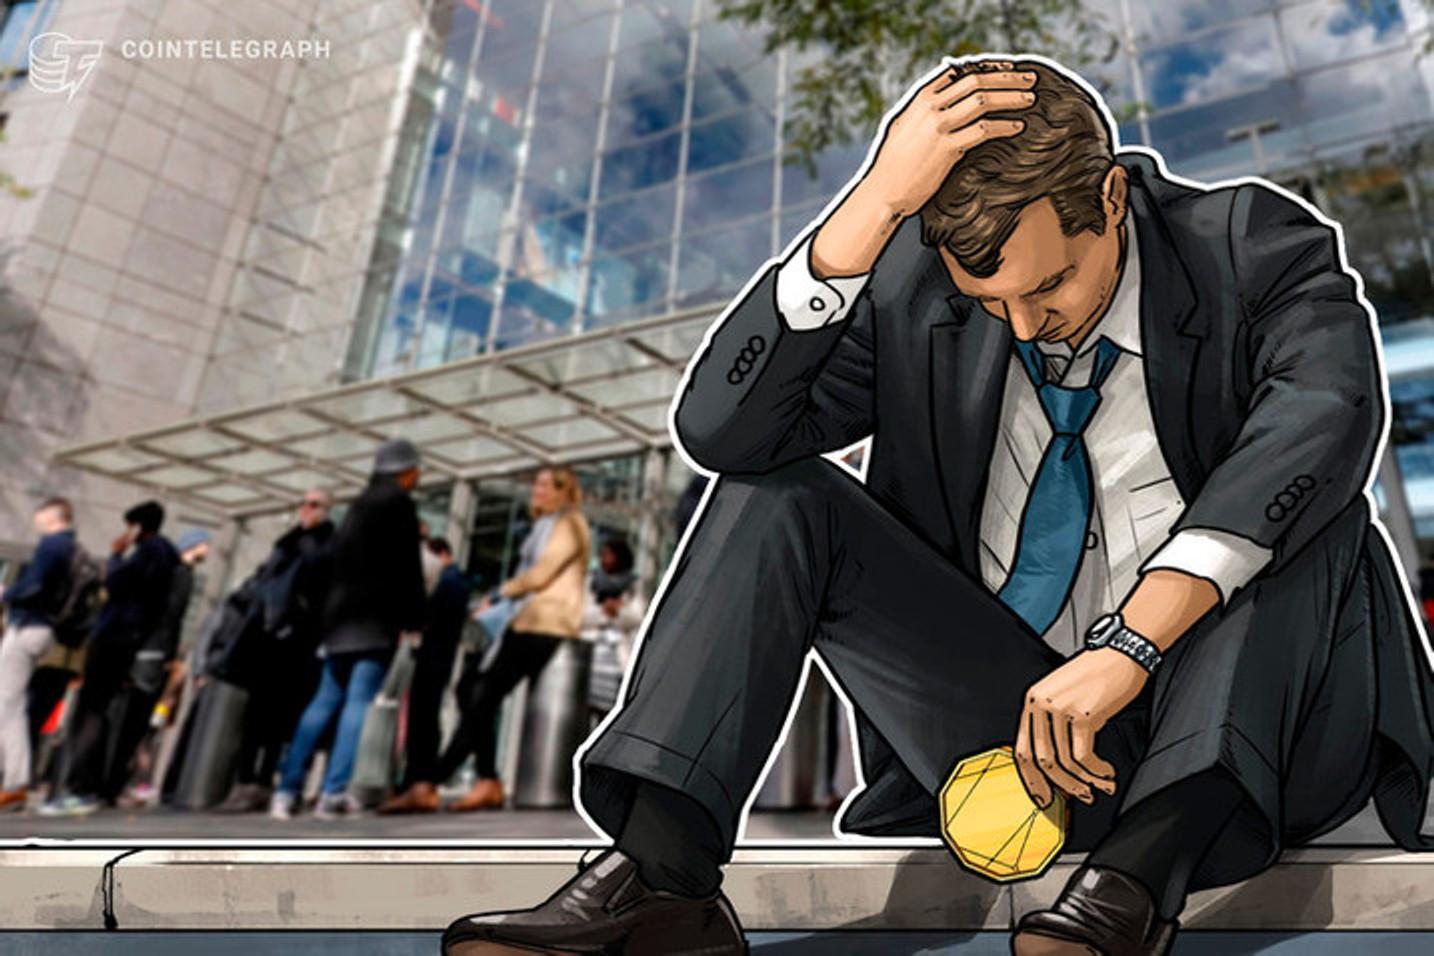 'Esse seria um bom momento', lamenta investidor com Bitcoin preso na Atlas Quantum que valorizou 450%